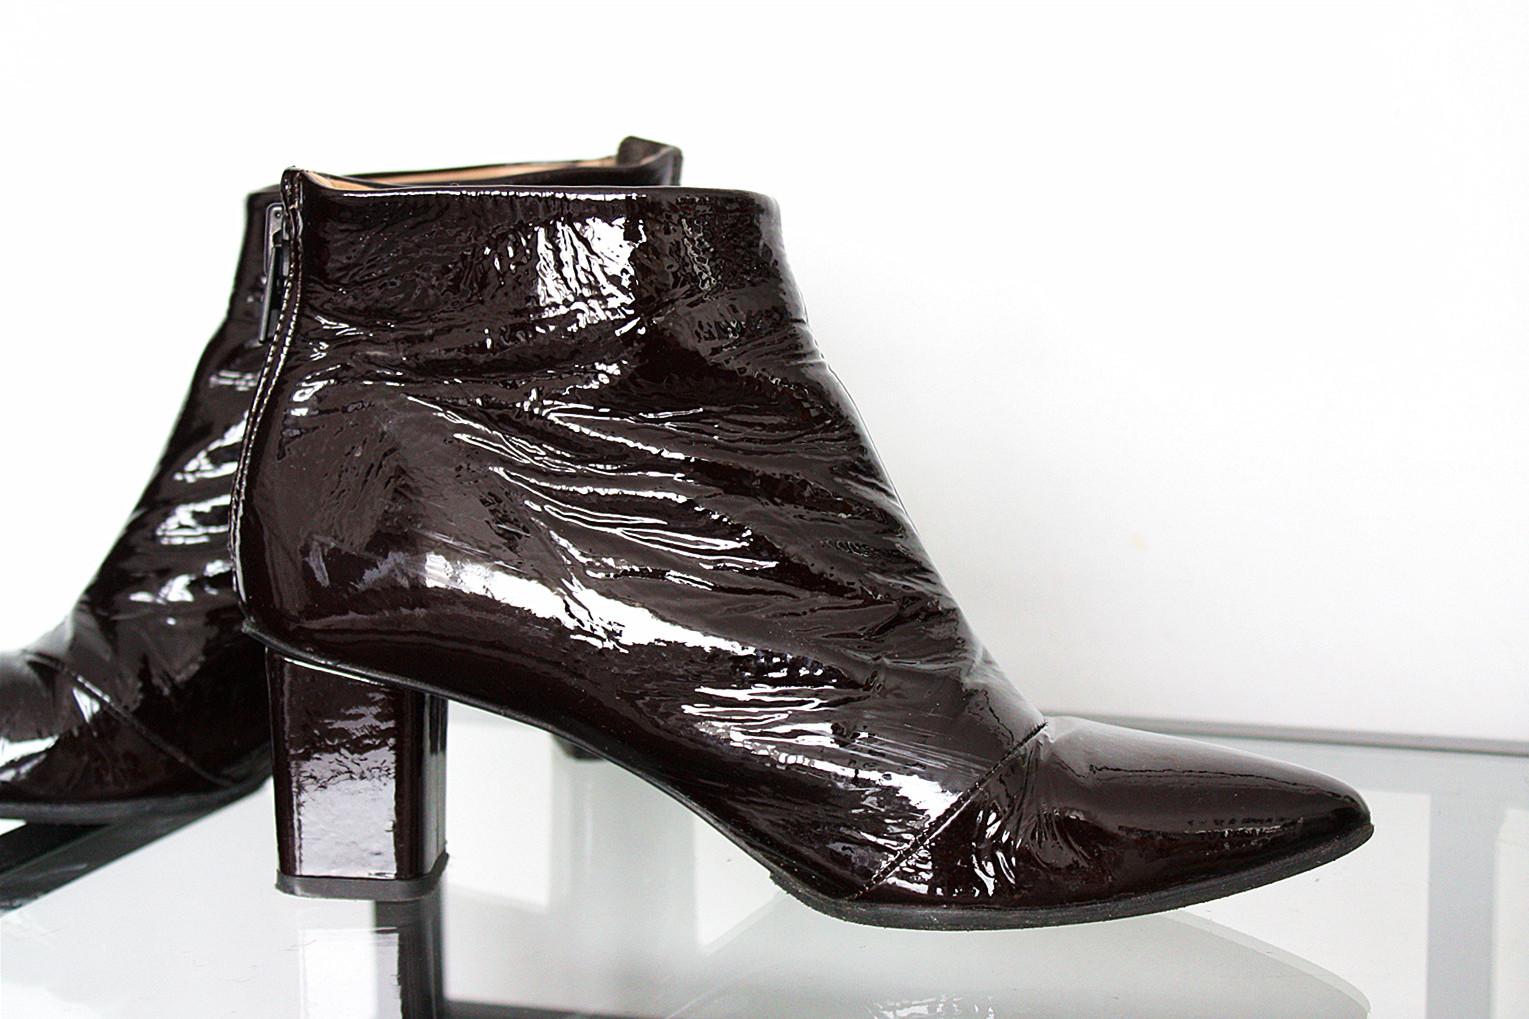 botki H&M, lakierowana skóra, buty na obcasie H&M